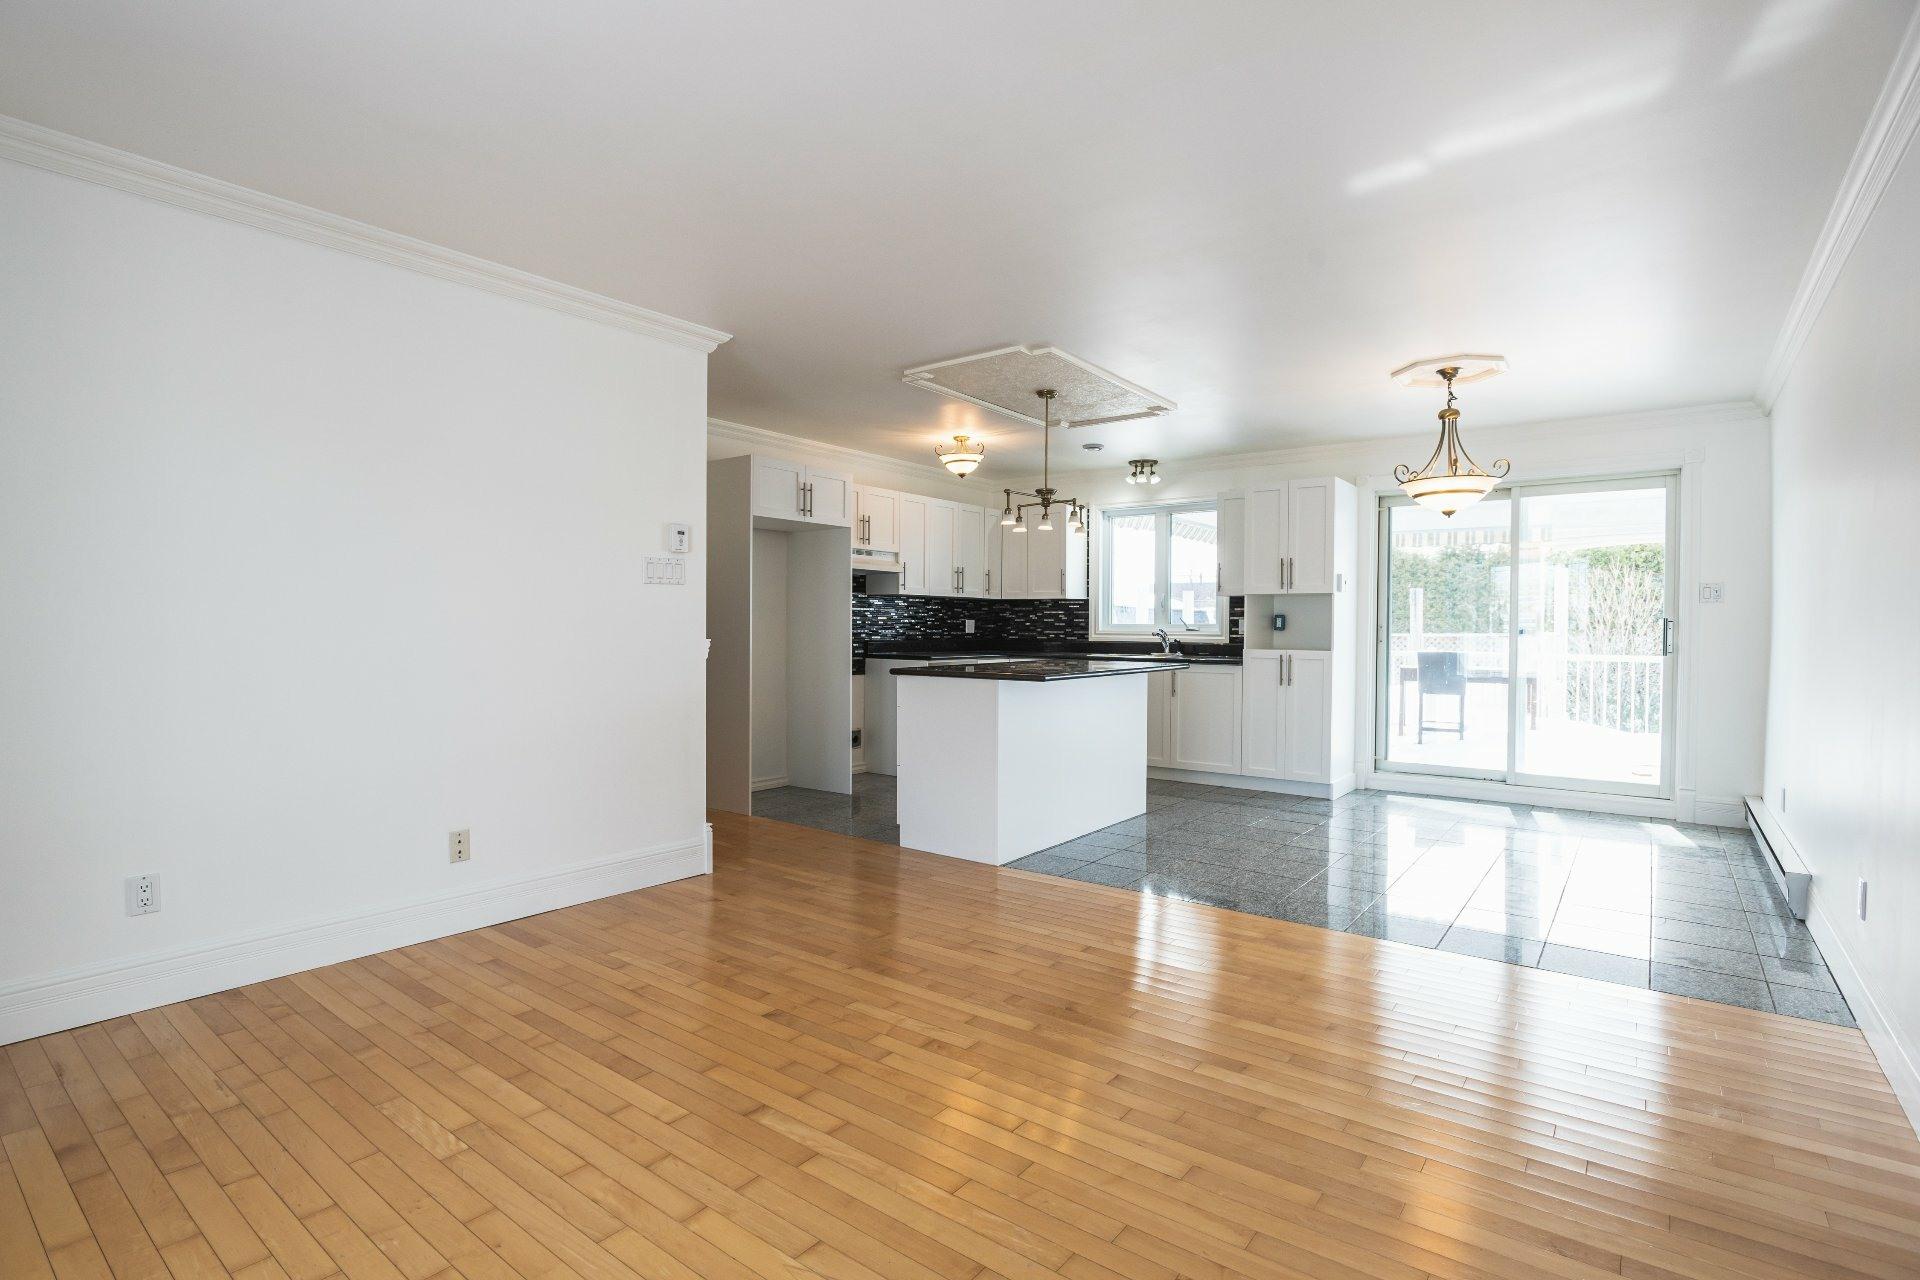 image 8 - Duplex For sale Saint-Augustin-de-Desmaures - 6 rooms